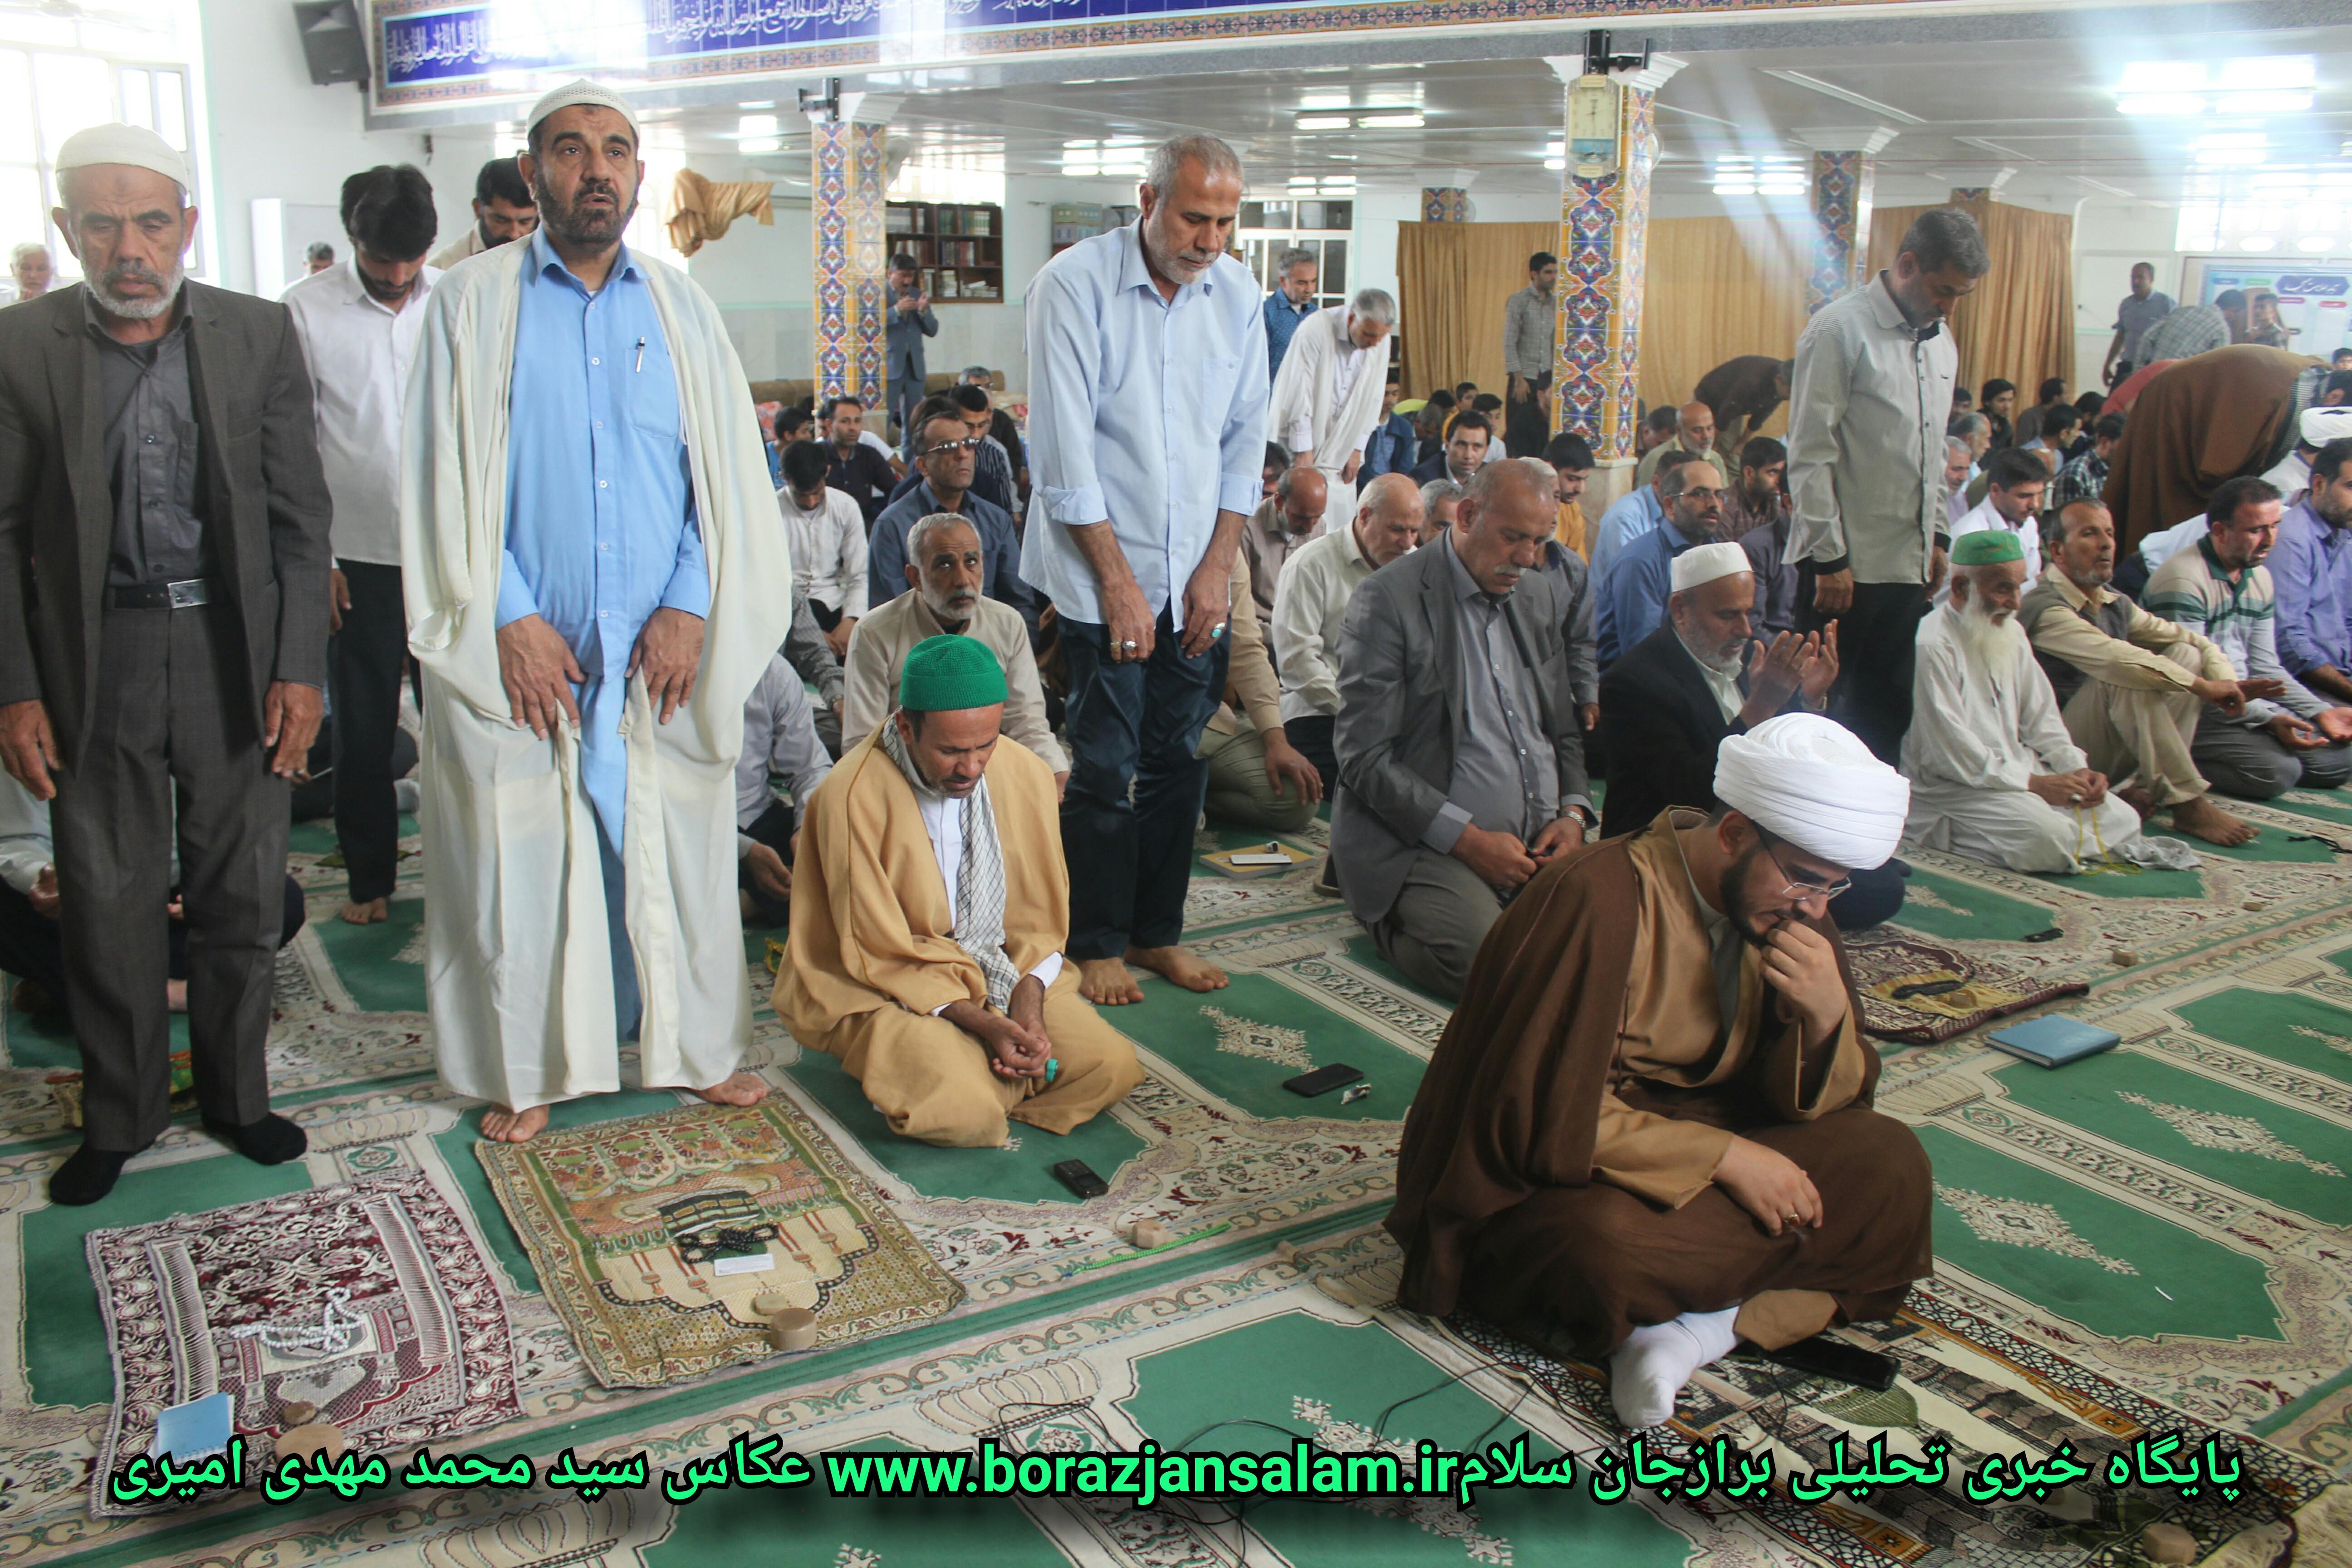 حضور اقای محمدی شهردار برازجان در جمع معتکفین مسجد فاطمه زهرا